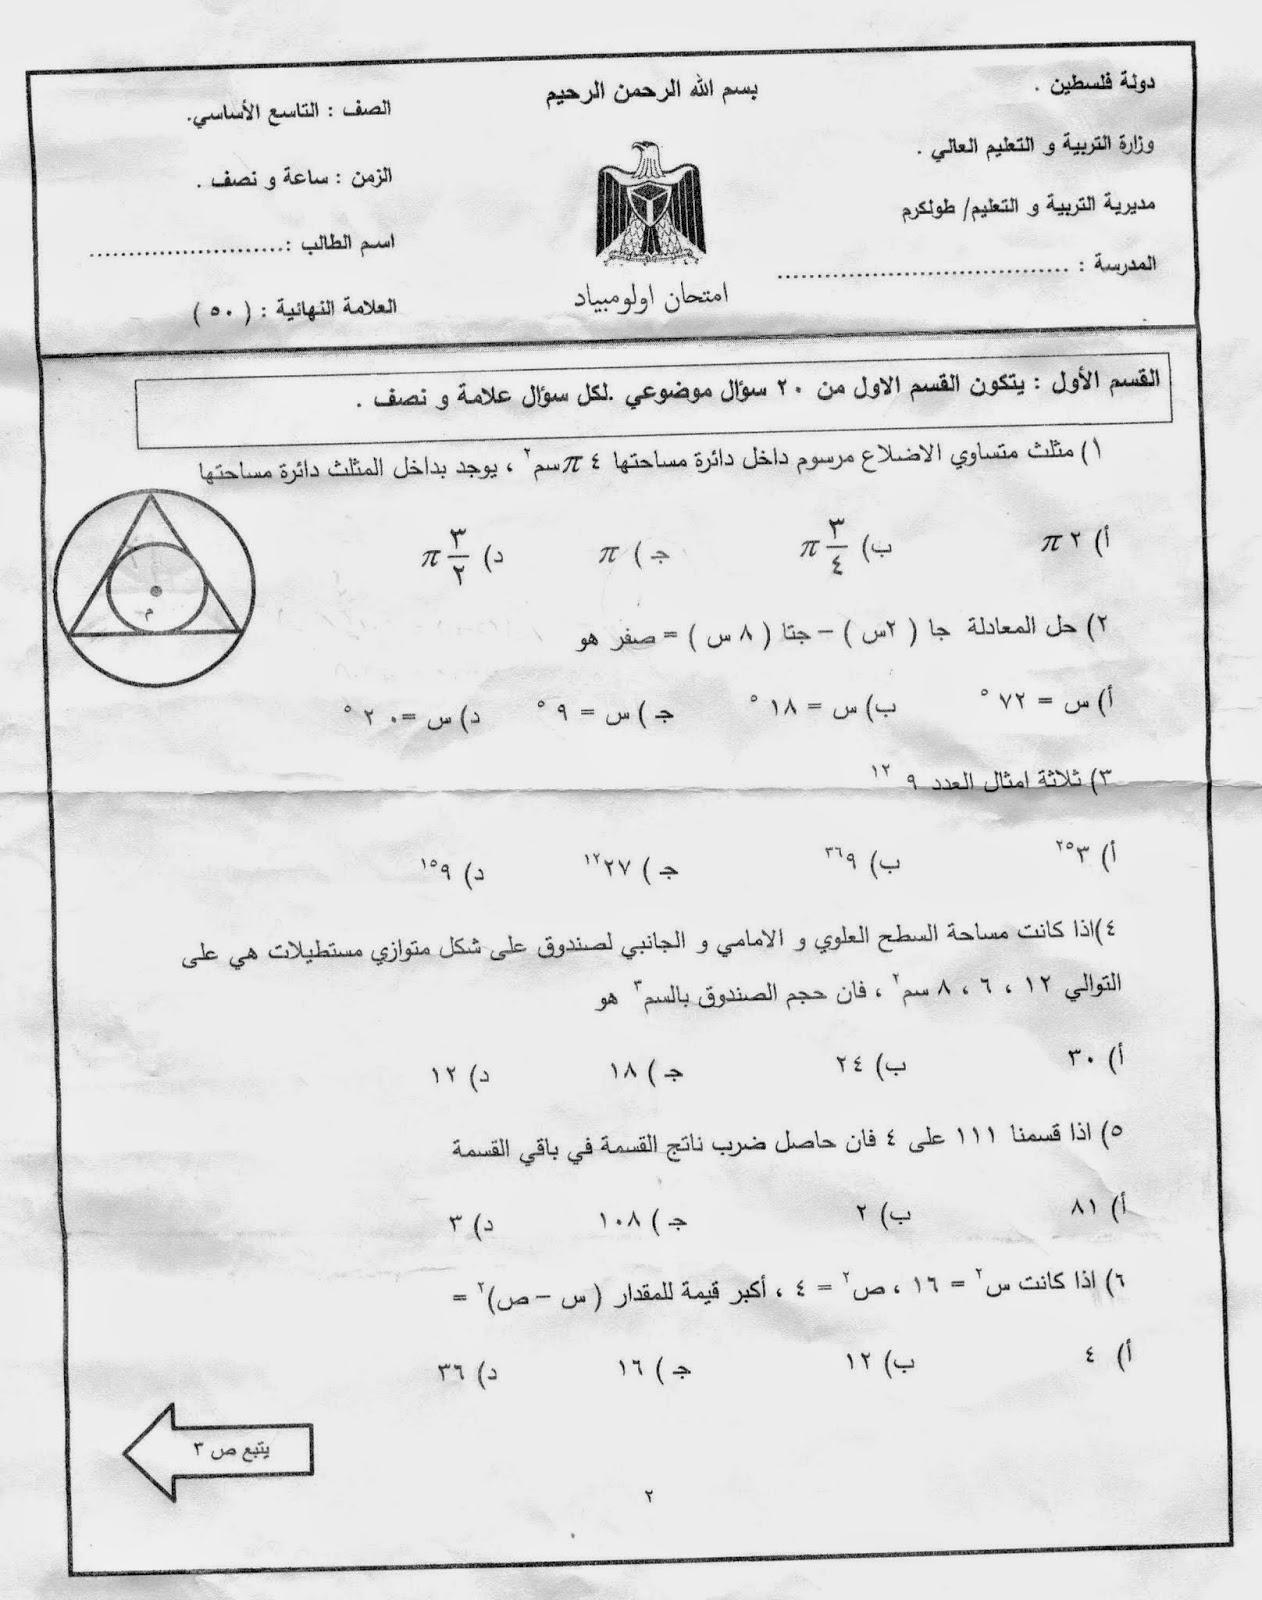 دليل المعلم للصف الثاني عشر علمي رياضيات سوريا